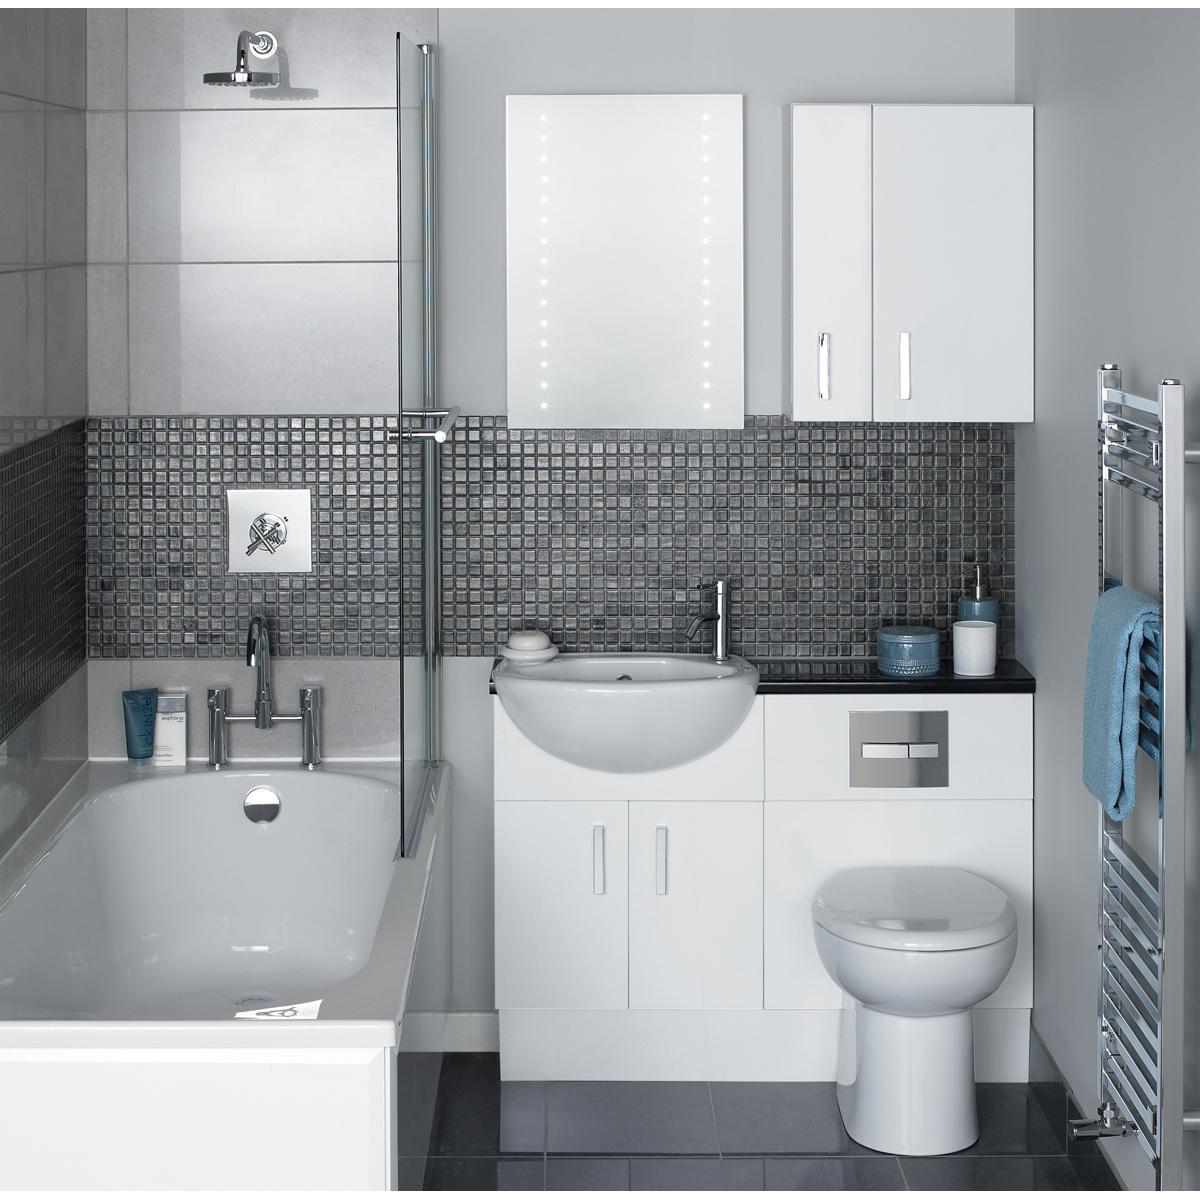 bagno-piccolo-rettangolare-2